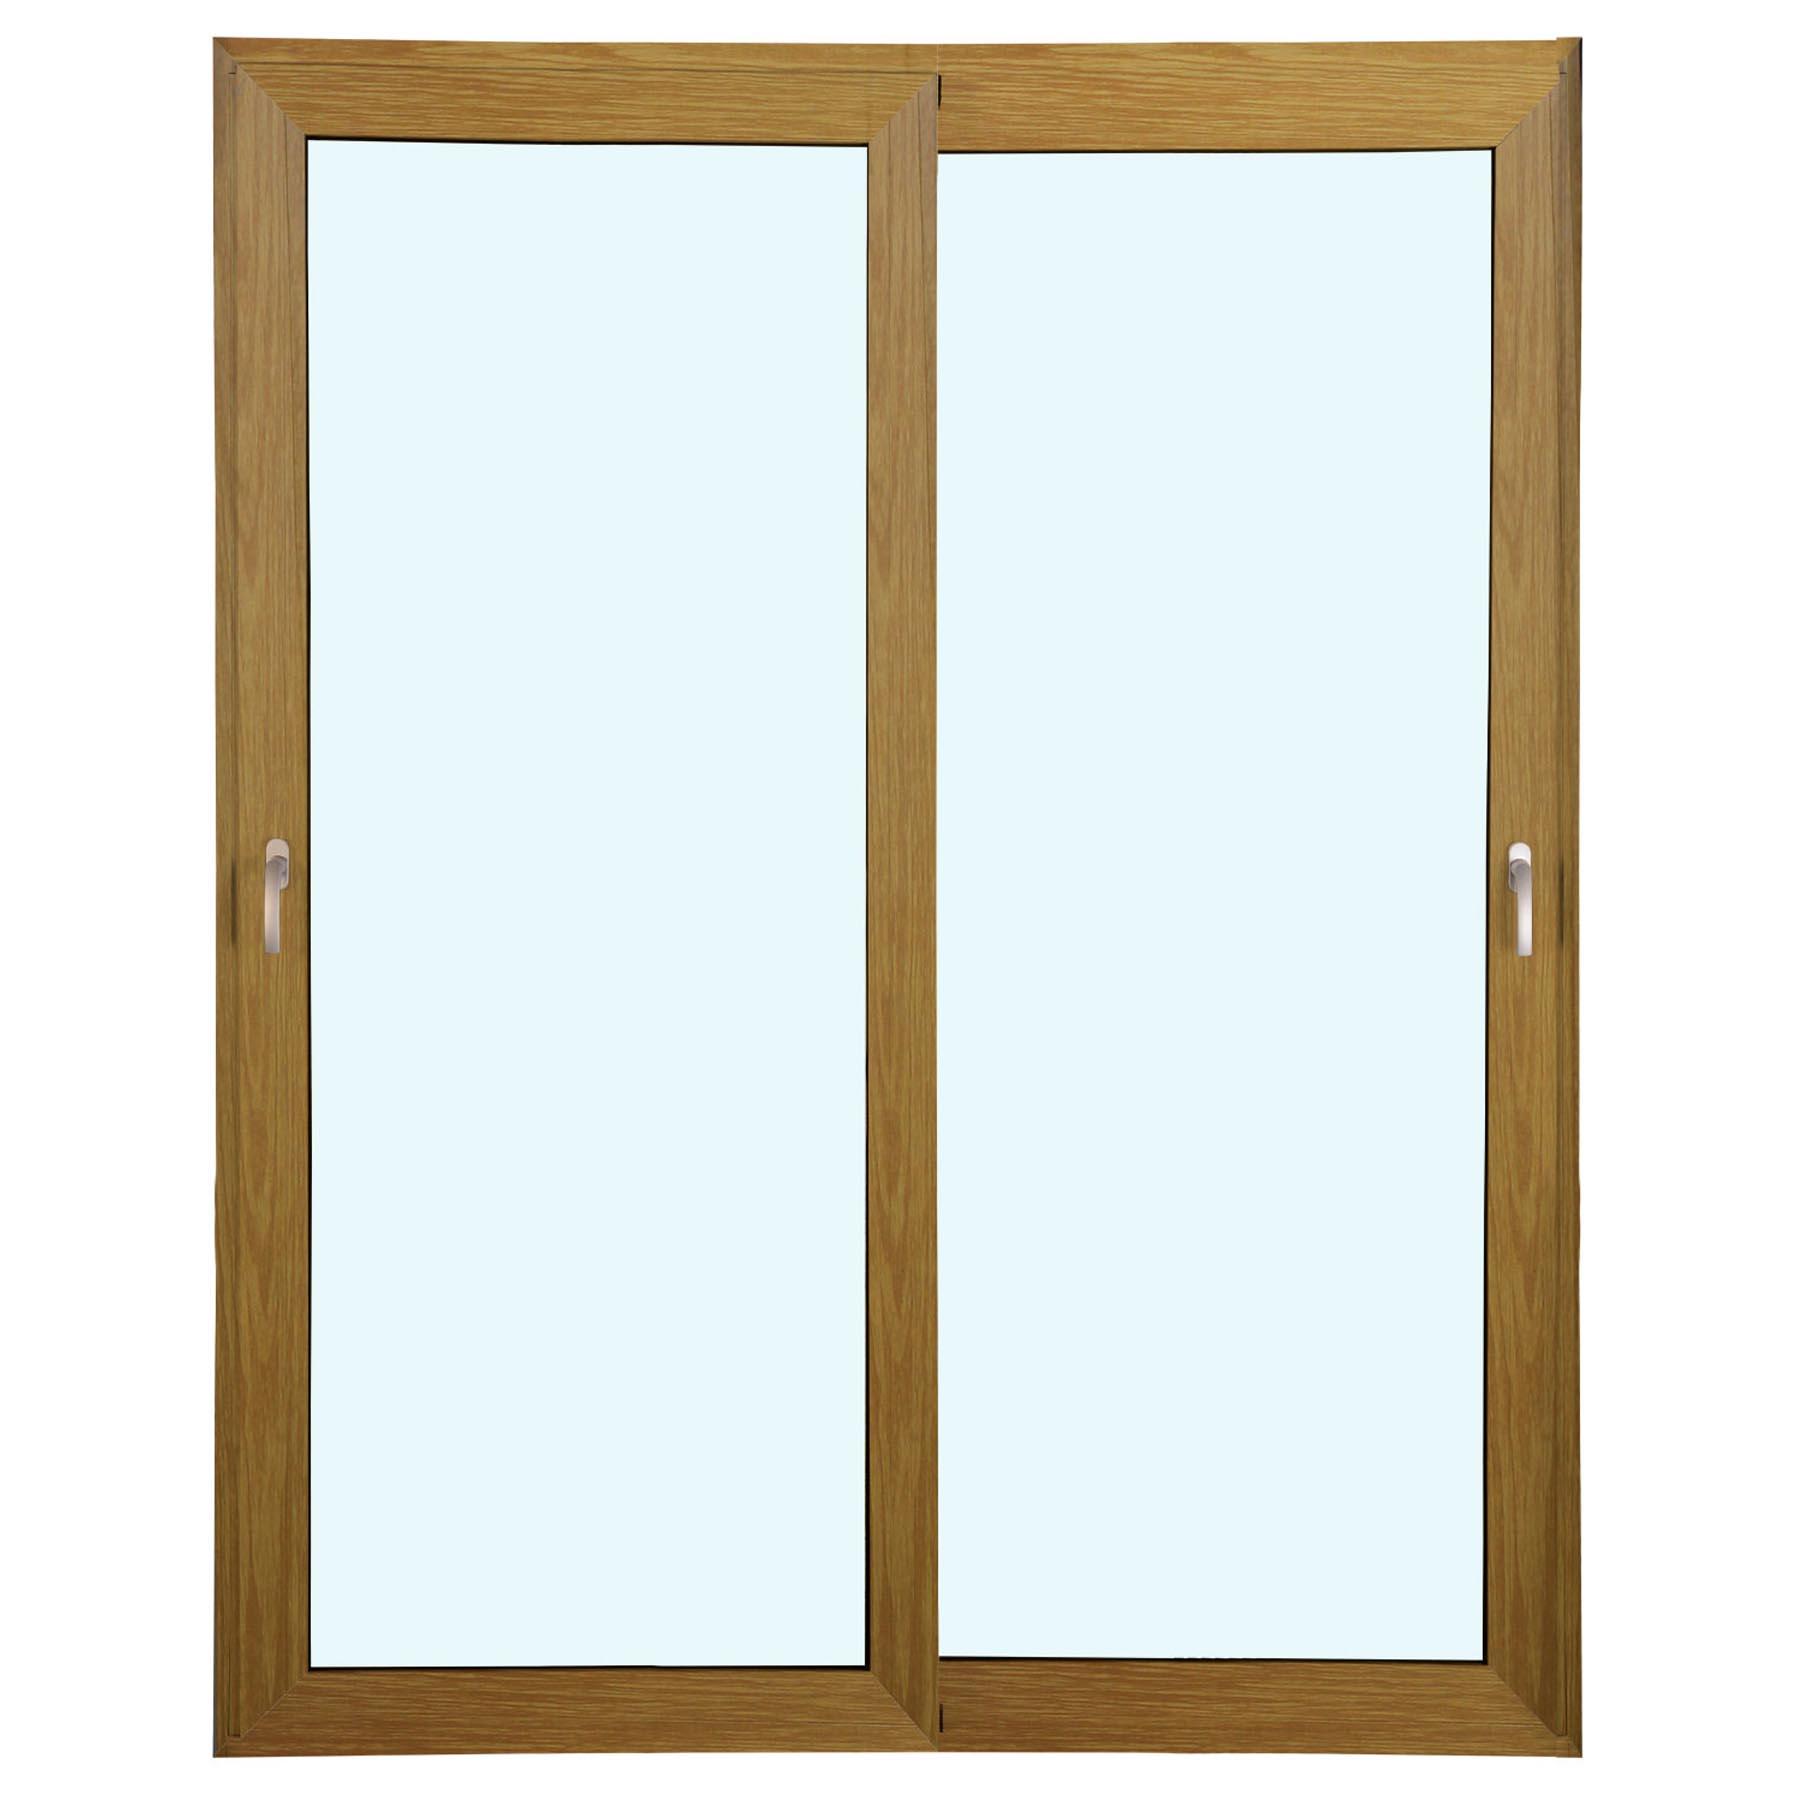 Porta 2 folhas de Correr cor Madeira com Vidro Sem Travessa com Fecho Multiponto - 150x215 - Veneza